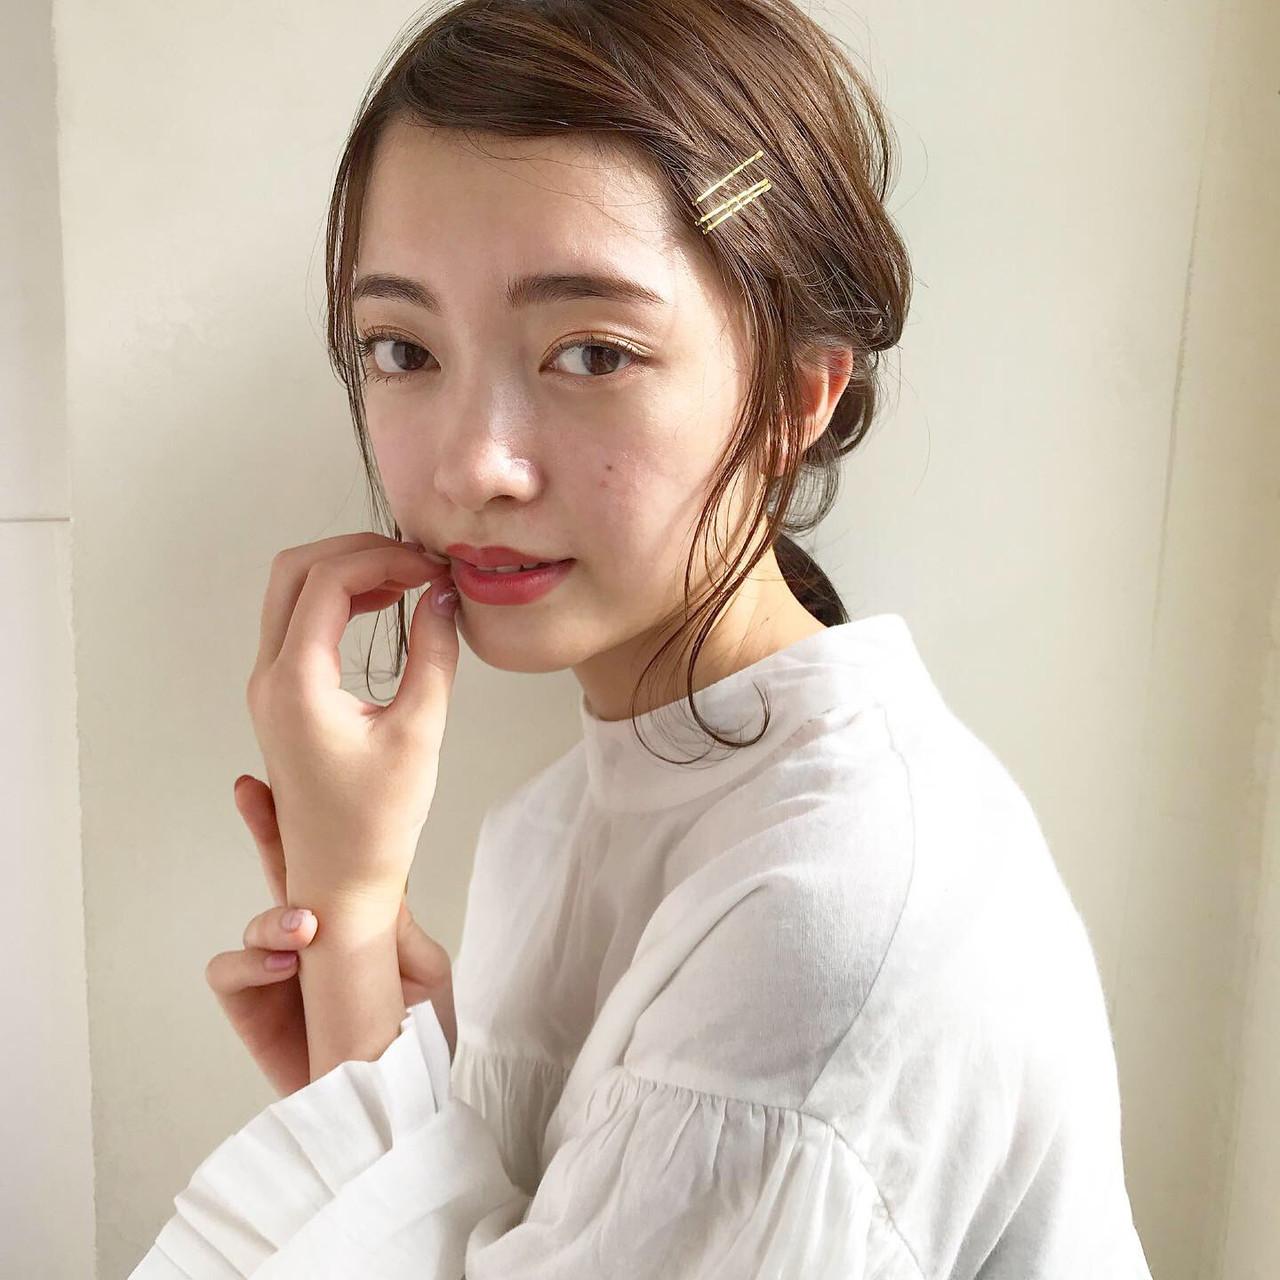 【前髪なし】清楚なオールバック風アレンジ 伊藤愛子 GARDEN